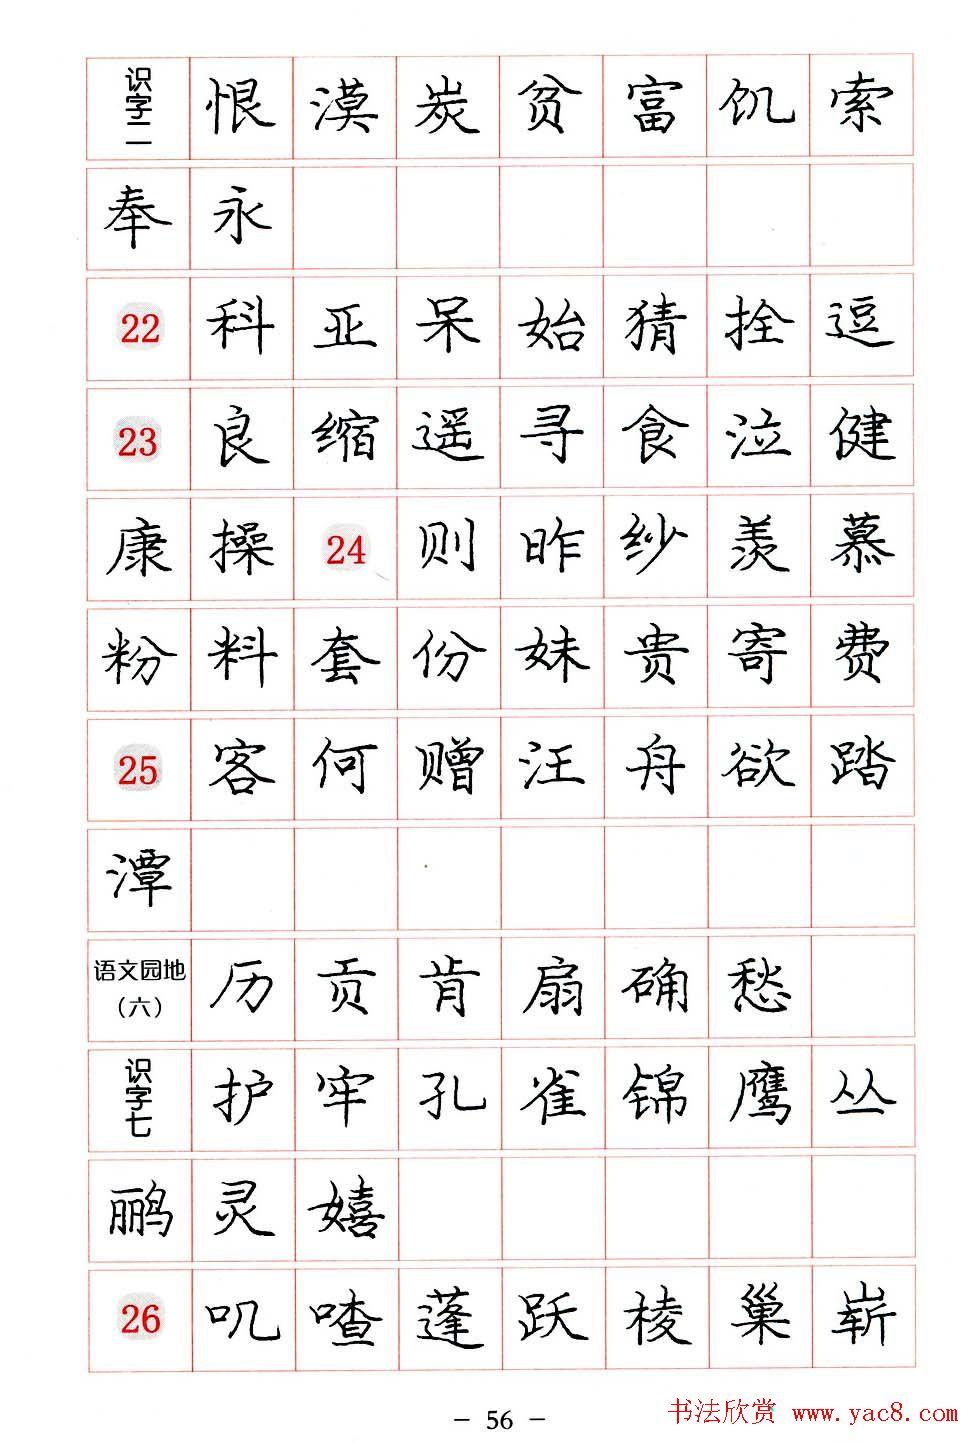 庞中华楷书规范字帖下载.pdf(56)